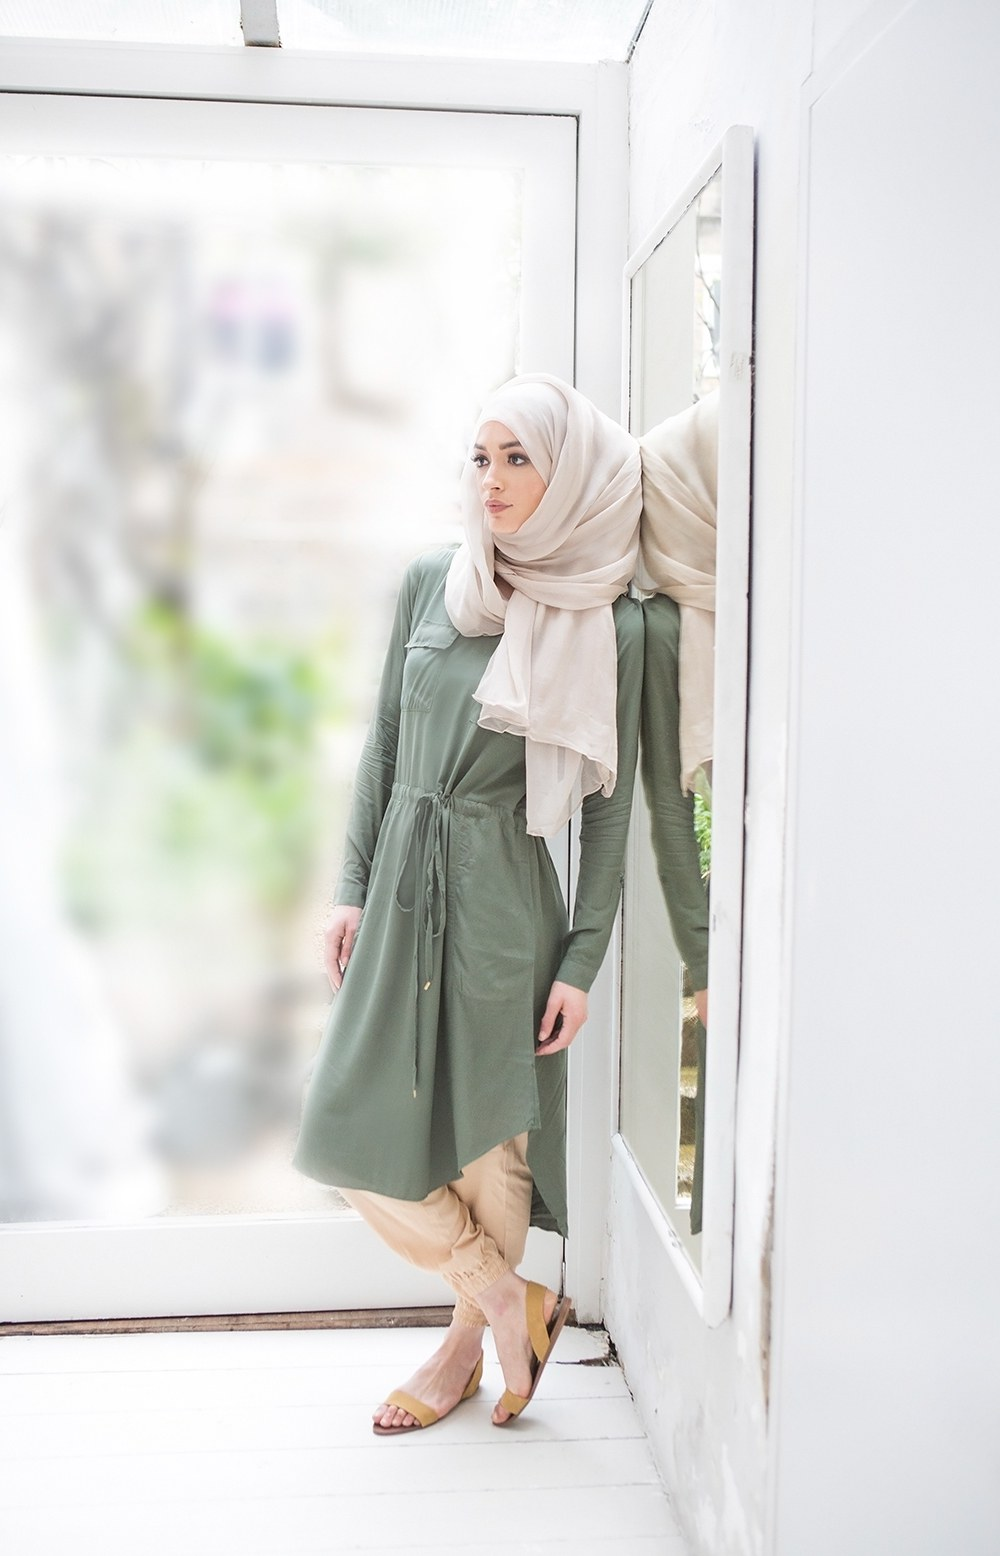 Model Baju Lebaran Jaman Sekarang 2018 E6d5 25 Trend Model Baju Muslim Lebaran 2018 Simple & Modis